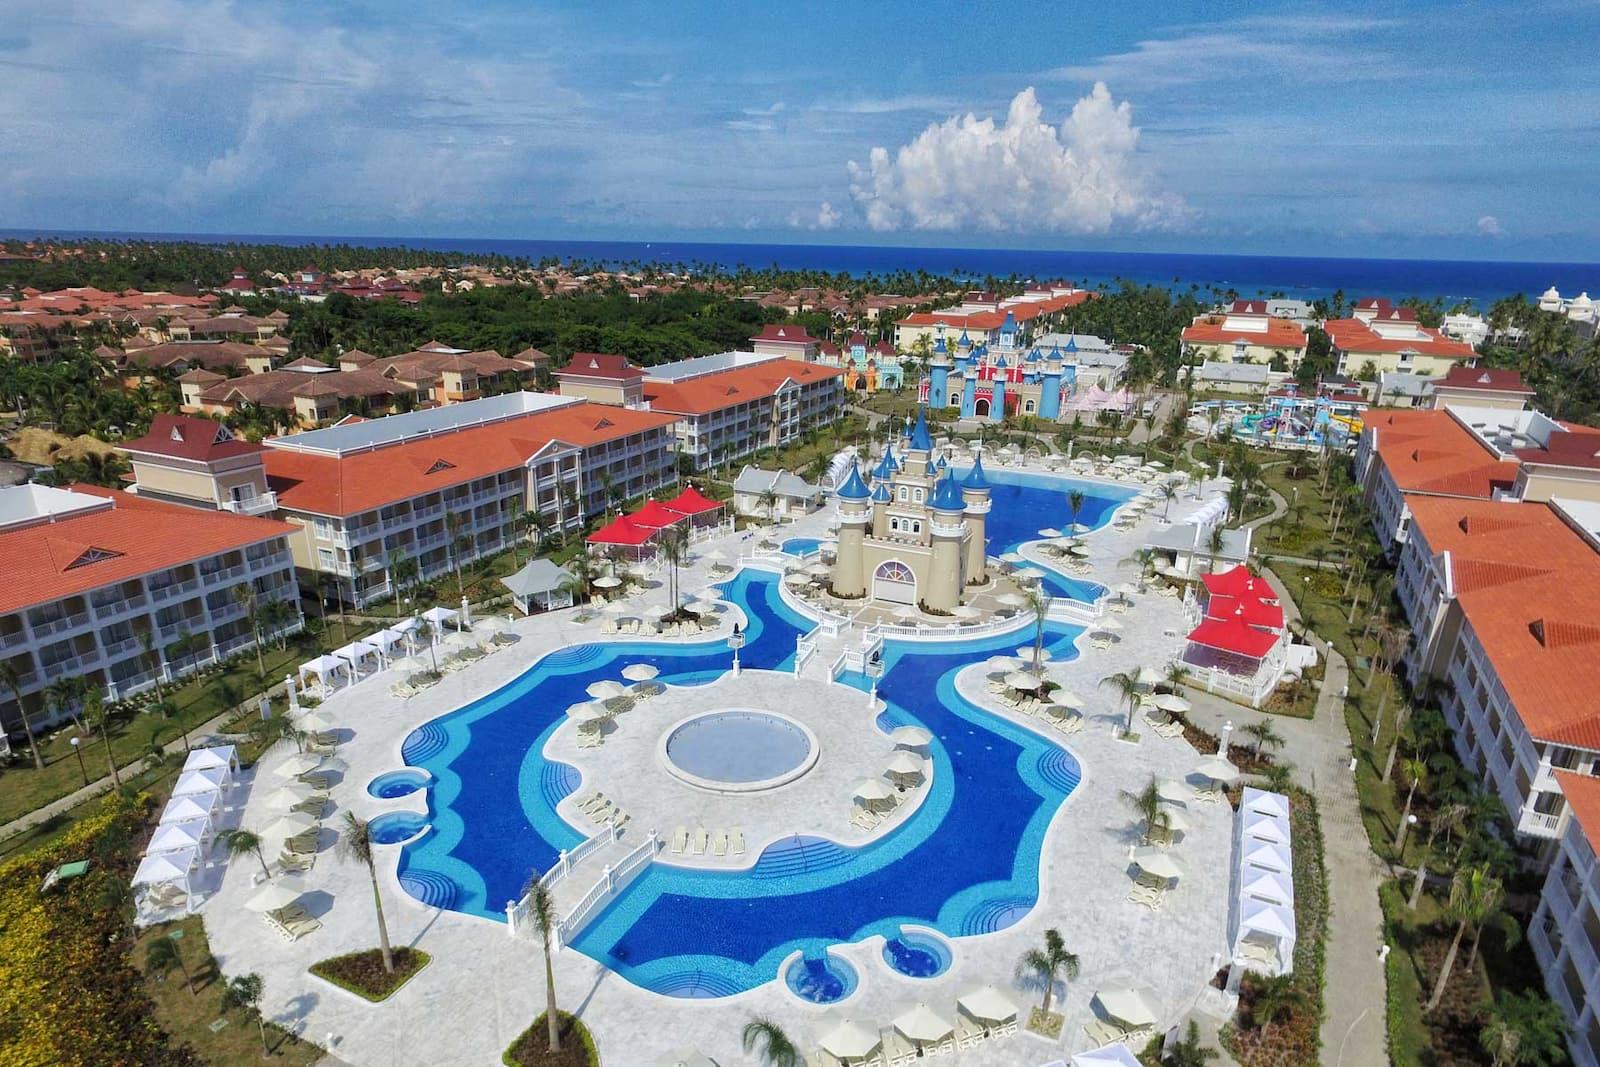 Αποτέλεσμα εικόνας για Bahia Principe Fantasia brand welcomes travelers in Punta Cana and soon, Tenerife